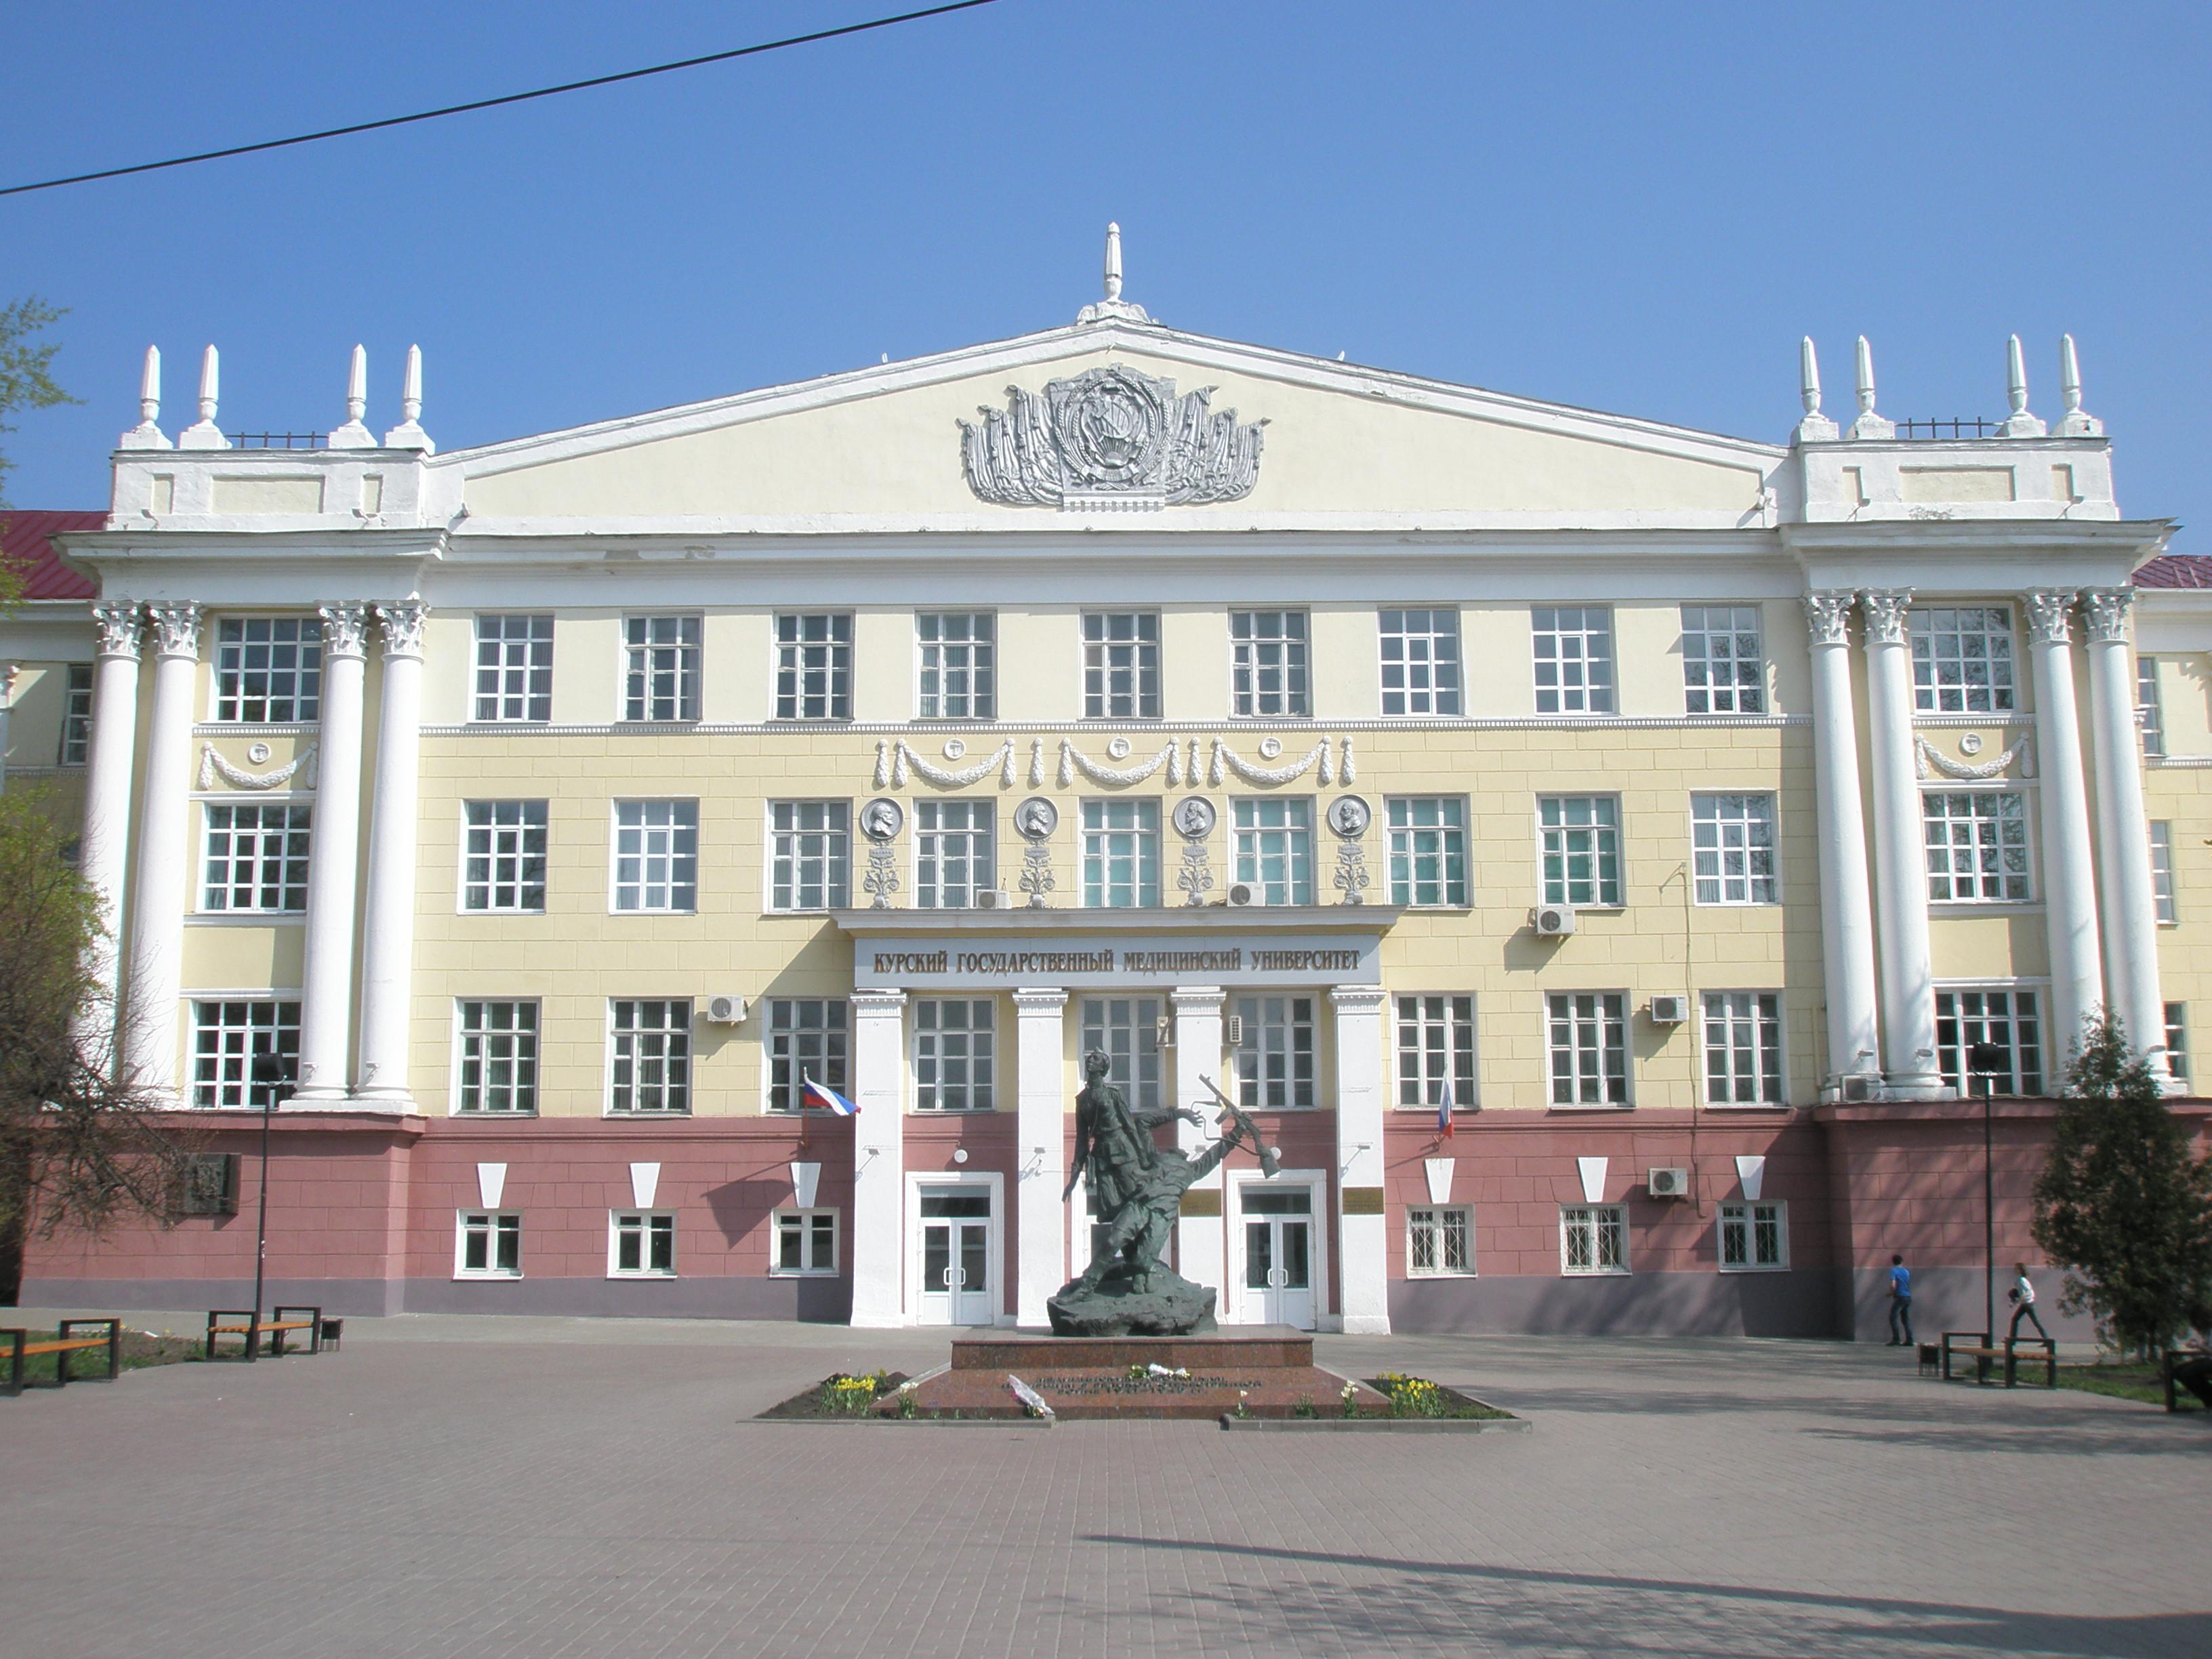 Курский медицинский институт приемная комиссия прием меди в новочеркасске